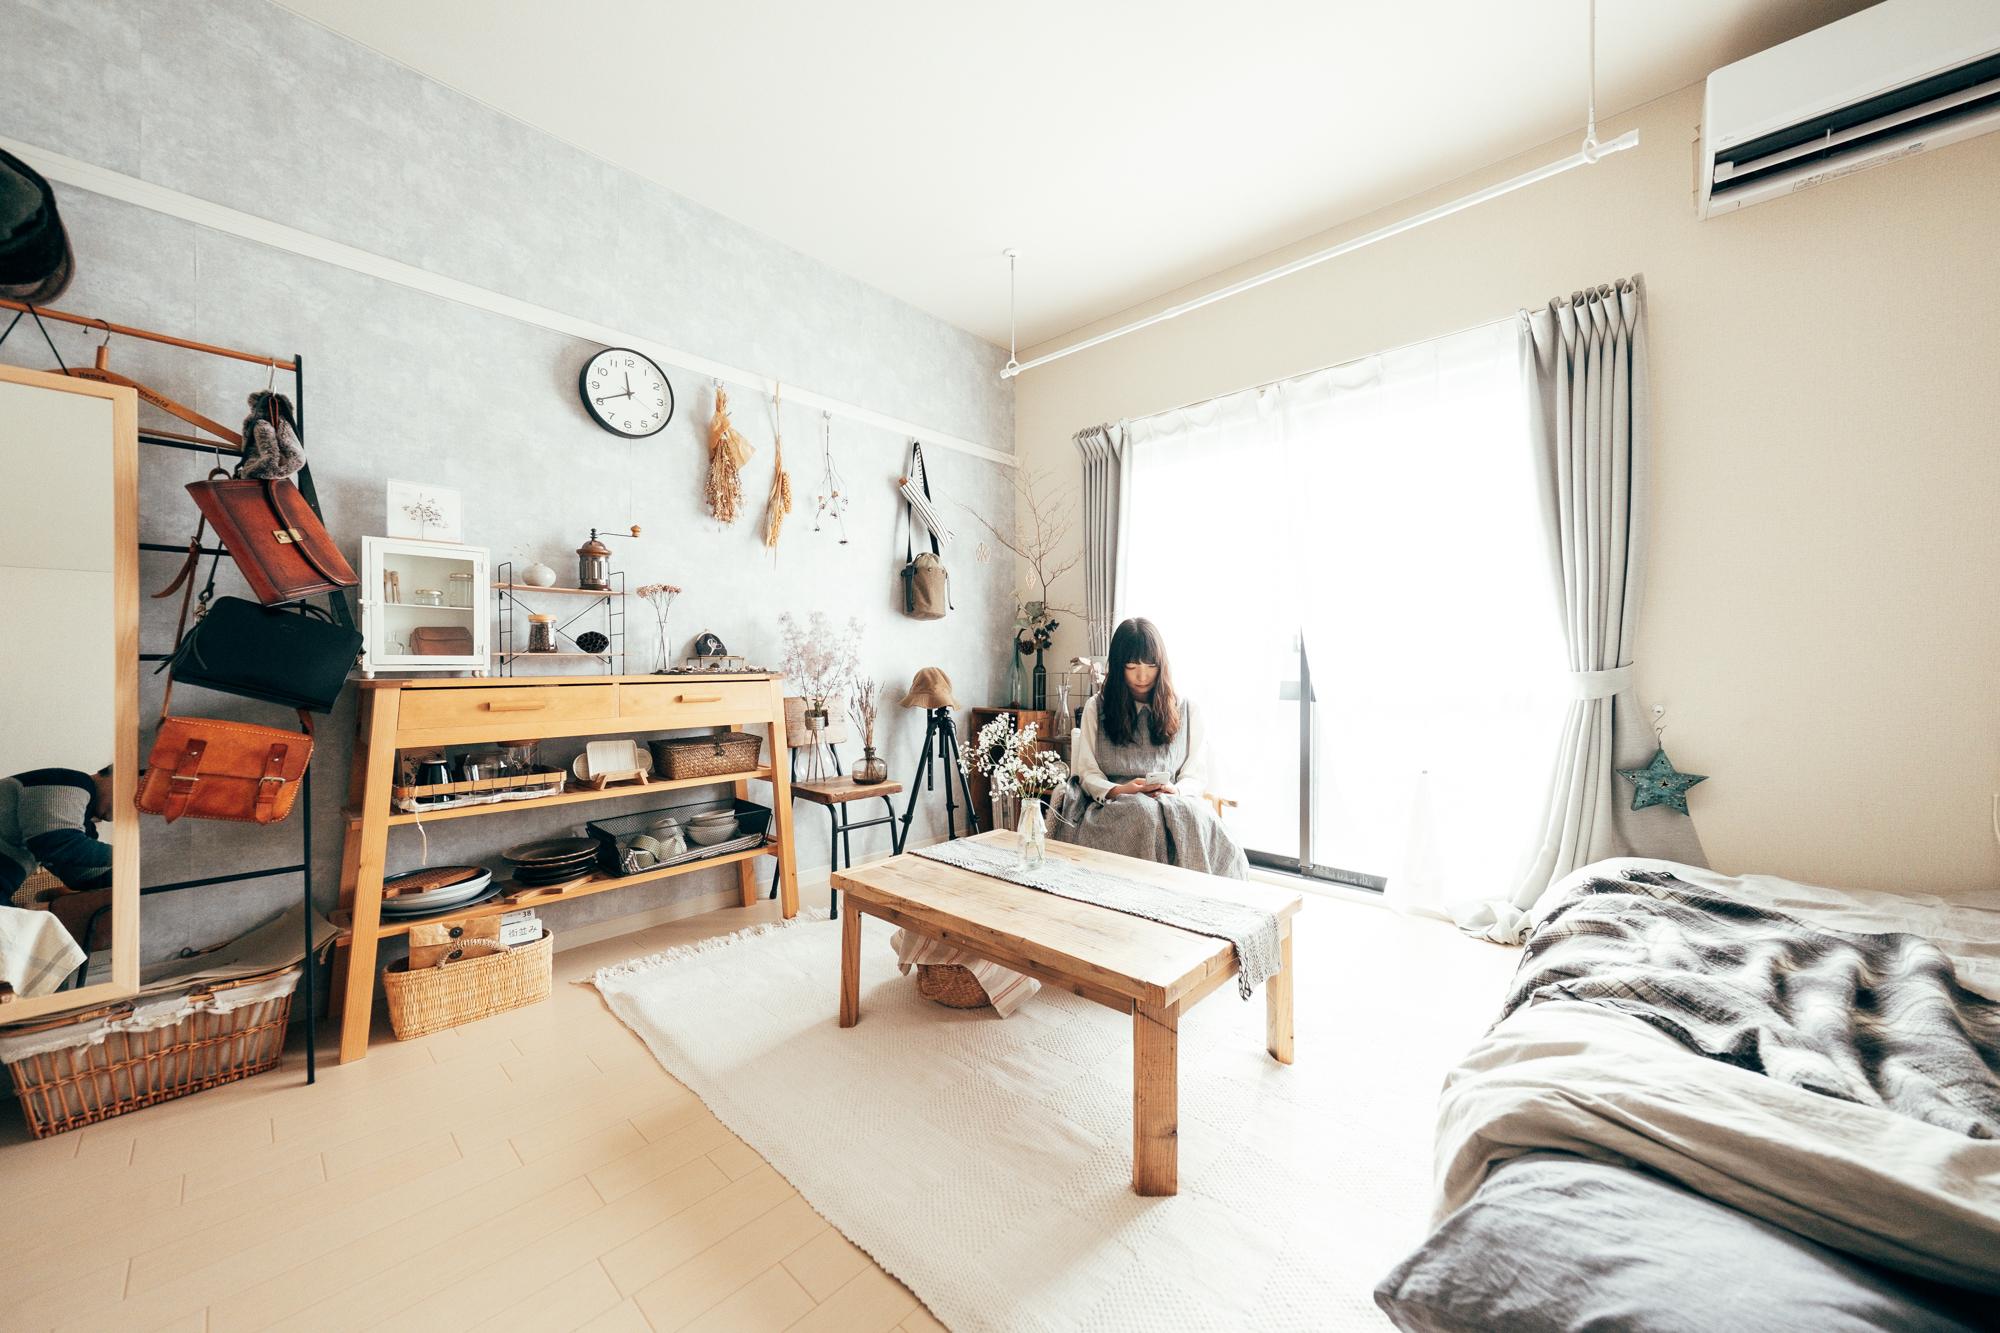 木製のインテリアたちによって、お部屋に温かな印象を受けます。インテリアはご自身がDIYで作られたものとお気に入りの作家さんの作品で構成されているそう。